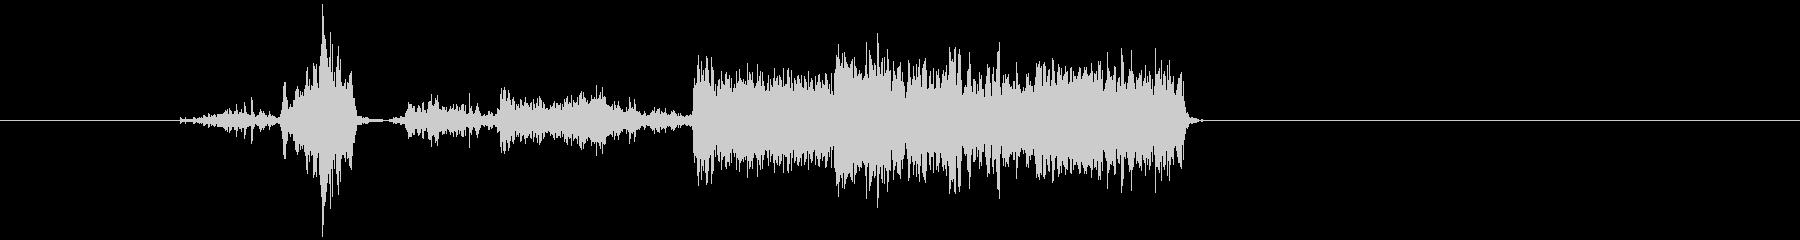 通信が途切れる音の未再生の波形